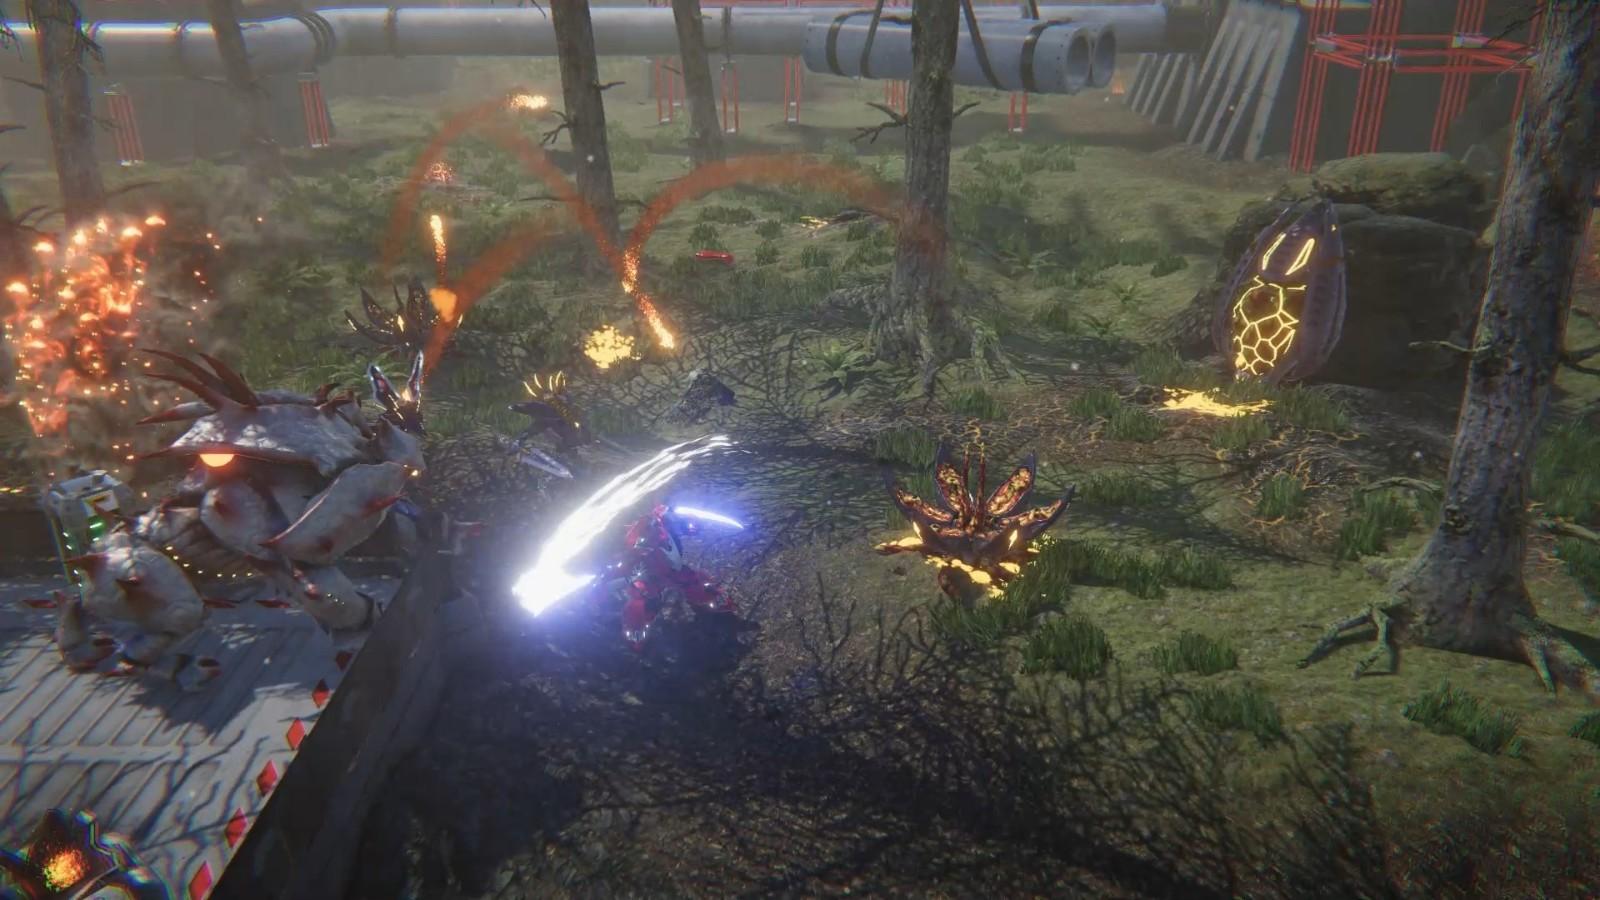 科幻动作游戏《黑风》新预告 今年第四季度发售